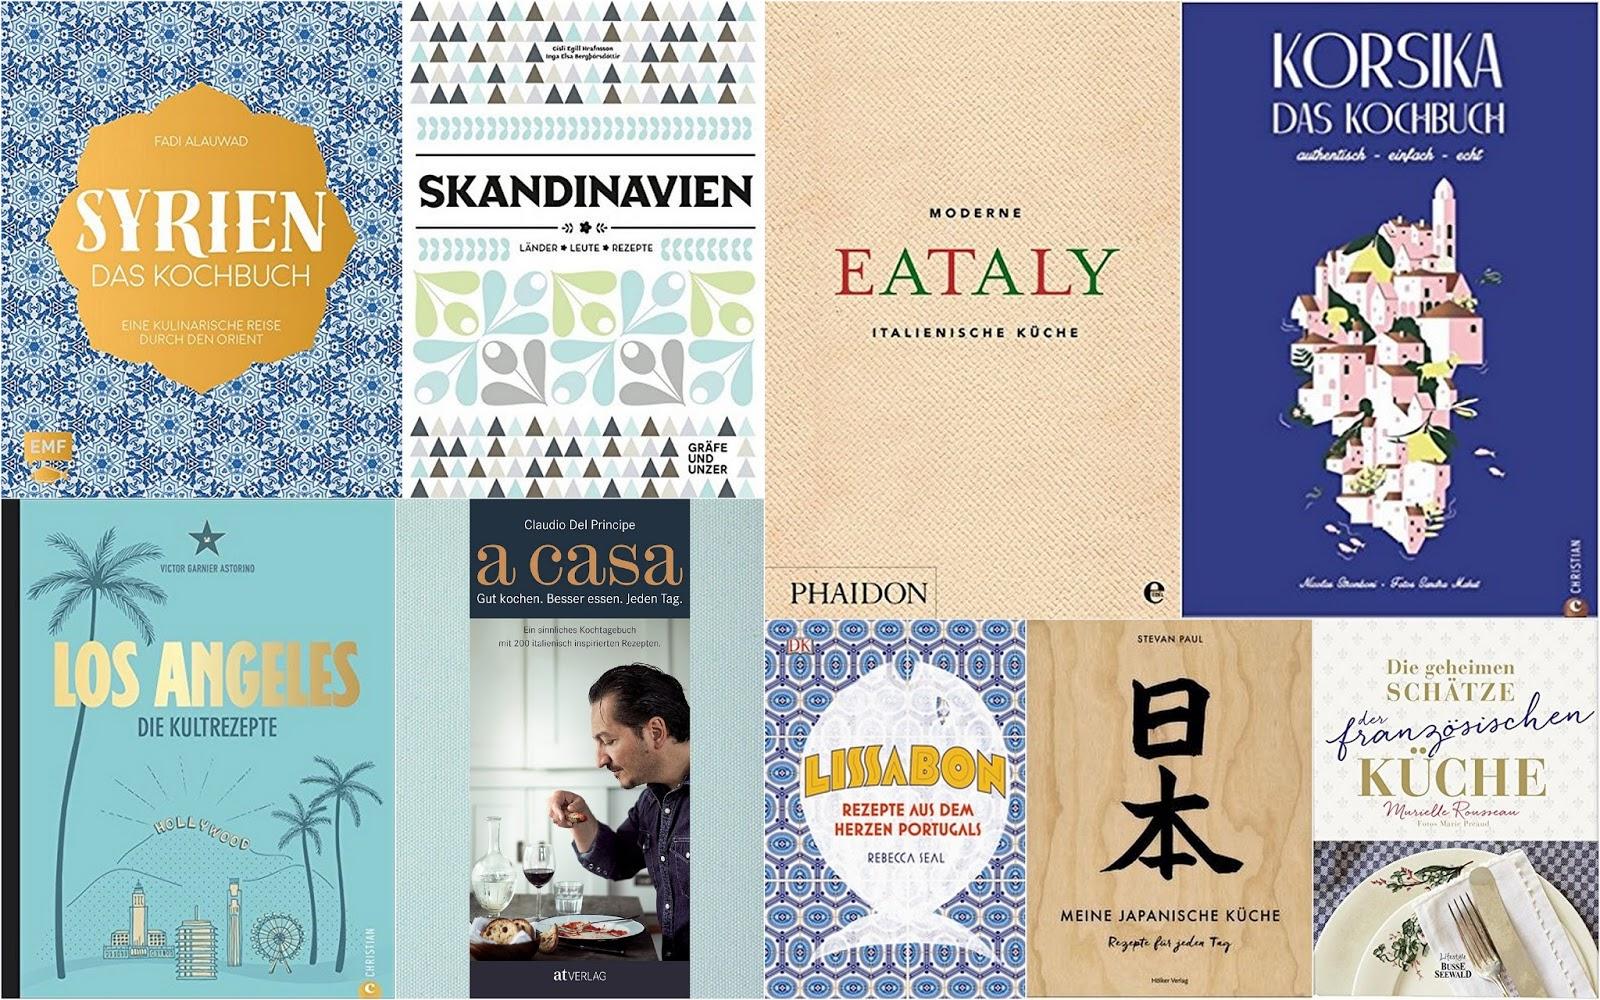 Kochbuch korsische kuche